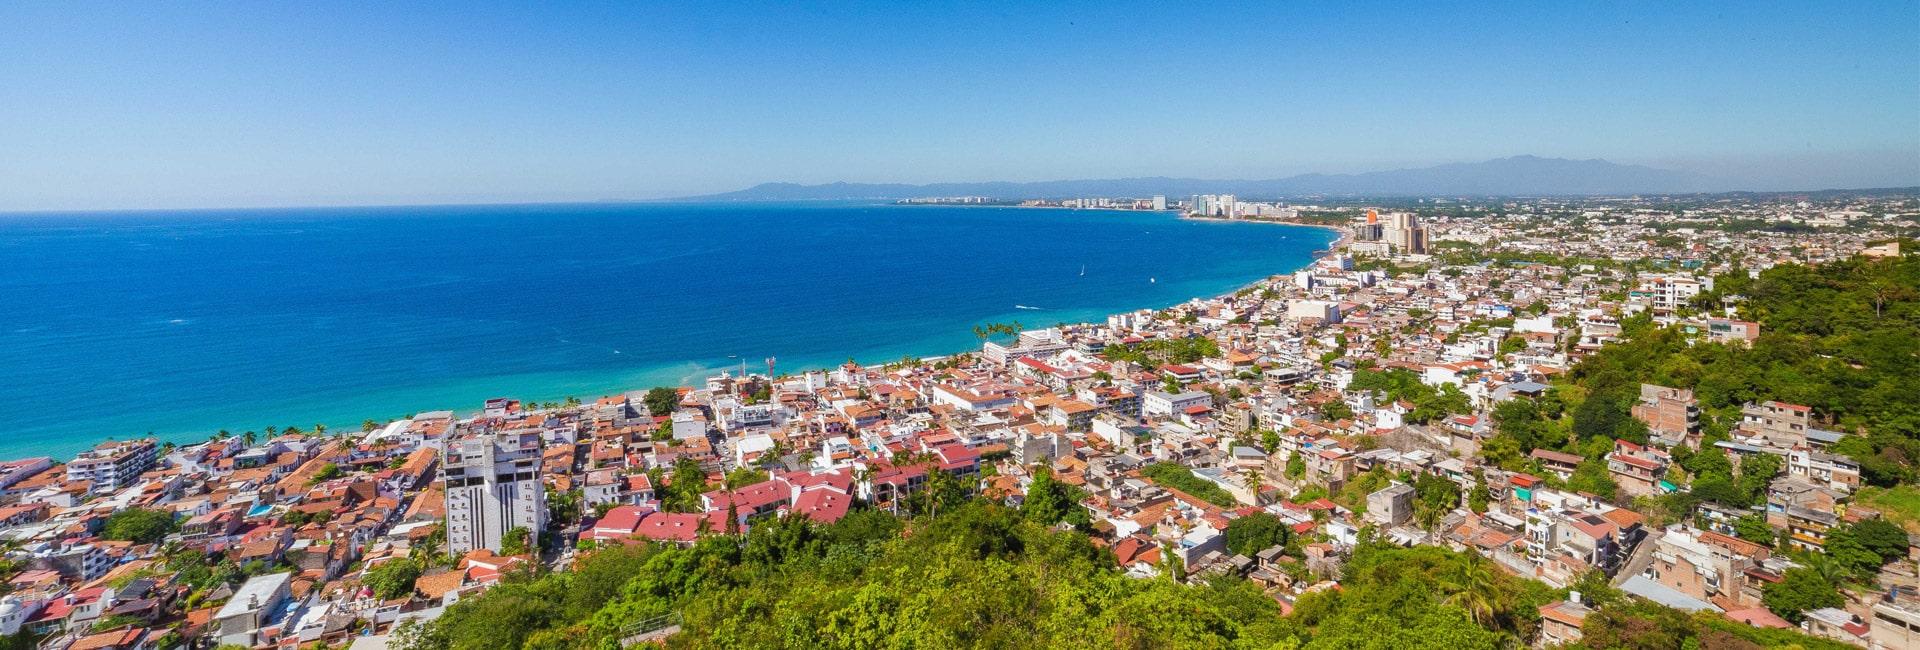 Ecotourism in puerto vallarta